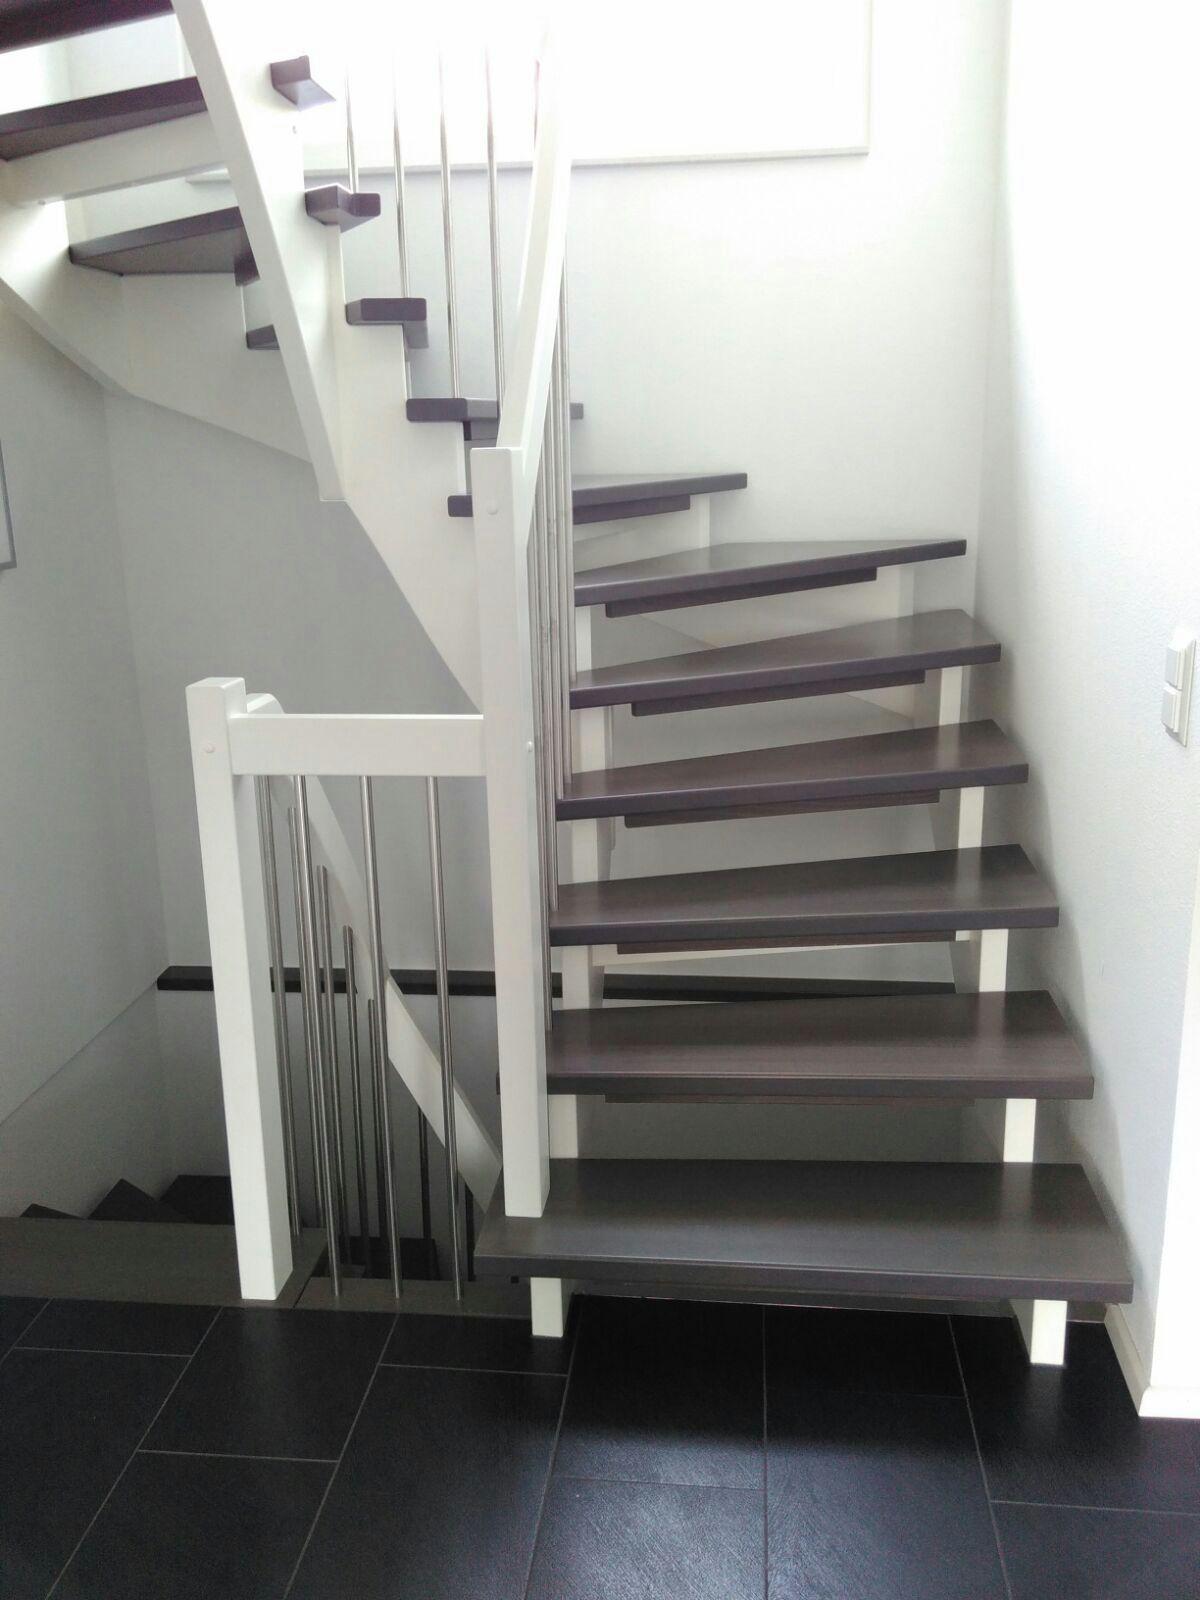 der traum vom haus wir bauen schon an und aufl sung bodenbelag und treppe. Black Bedroom Furniture Sets. Home Design Ideas